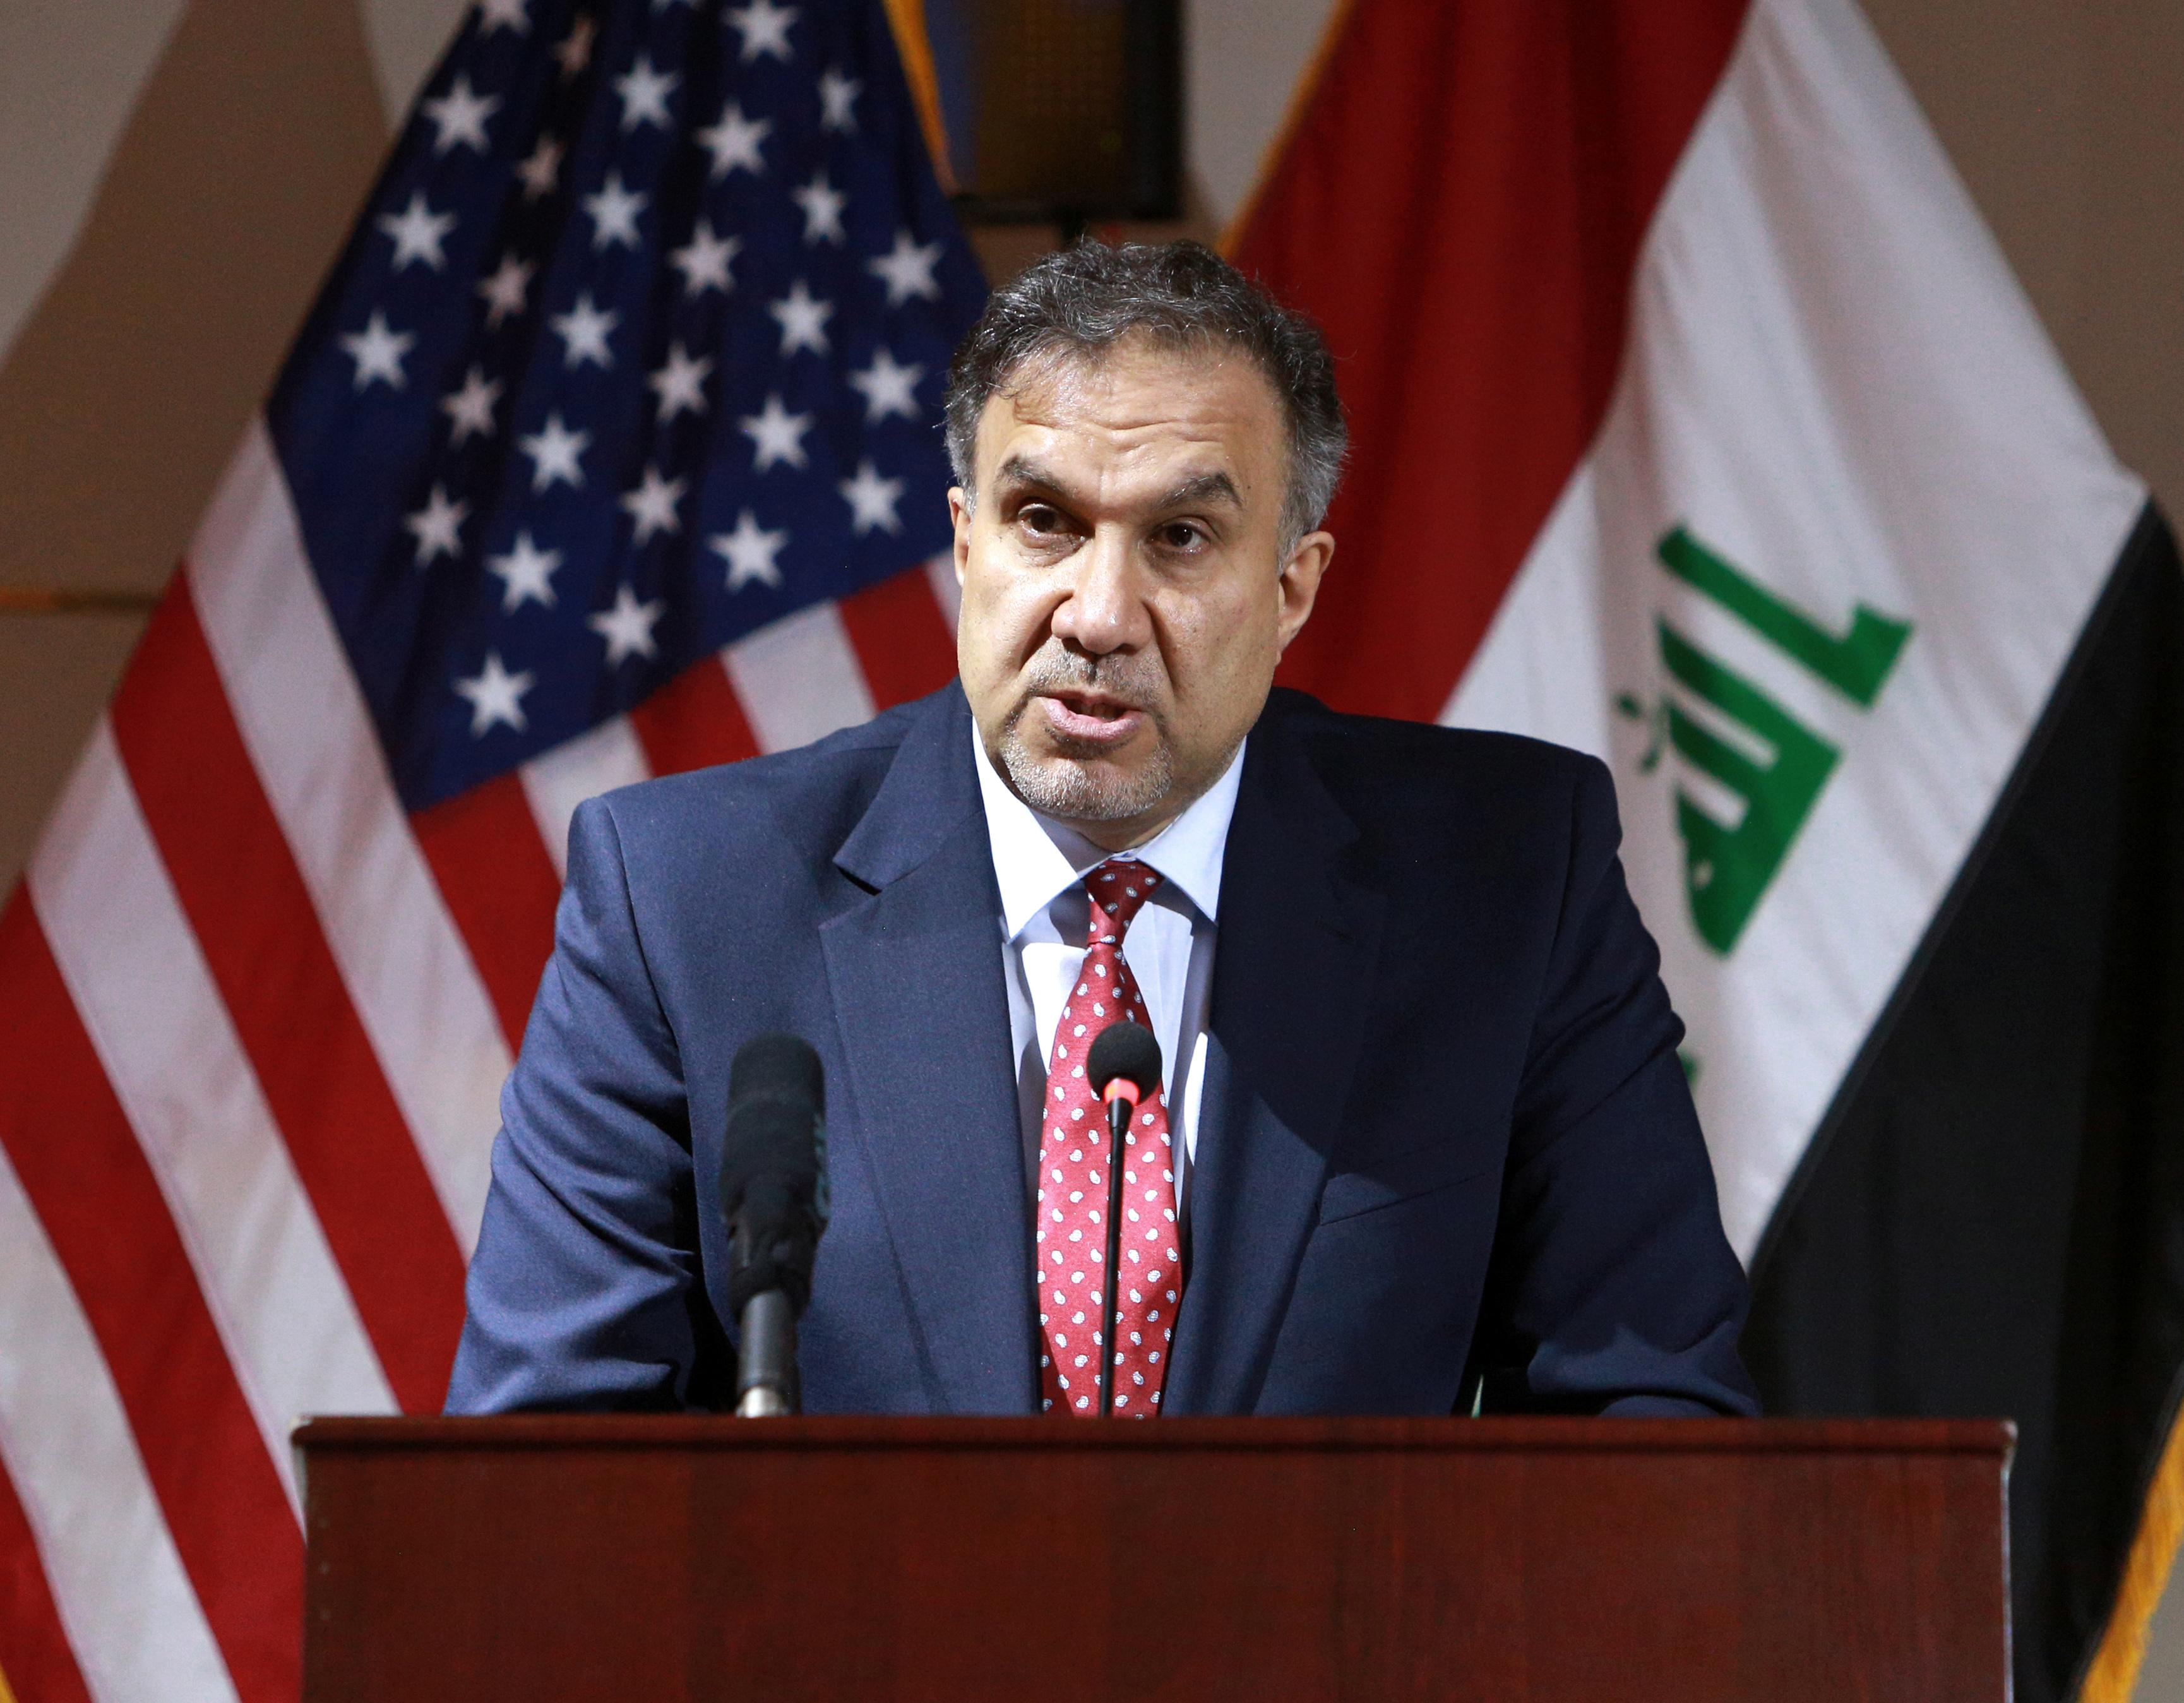 وزير الكهرباء العراقي لؤي الخطيب يتحدث في مؤتمر صحفي بعد توقيع عقد مع شركة جنرال إليكتريك الأميركية